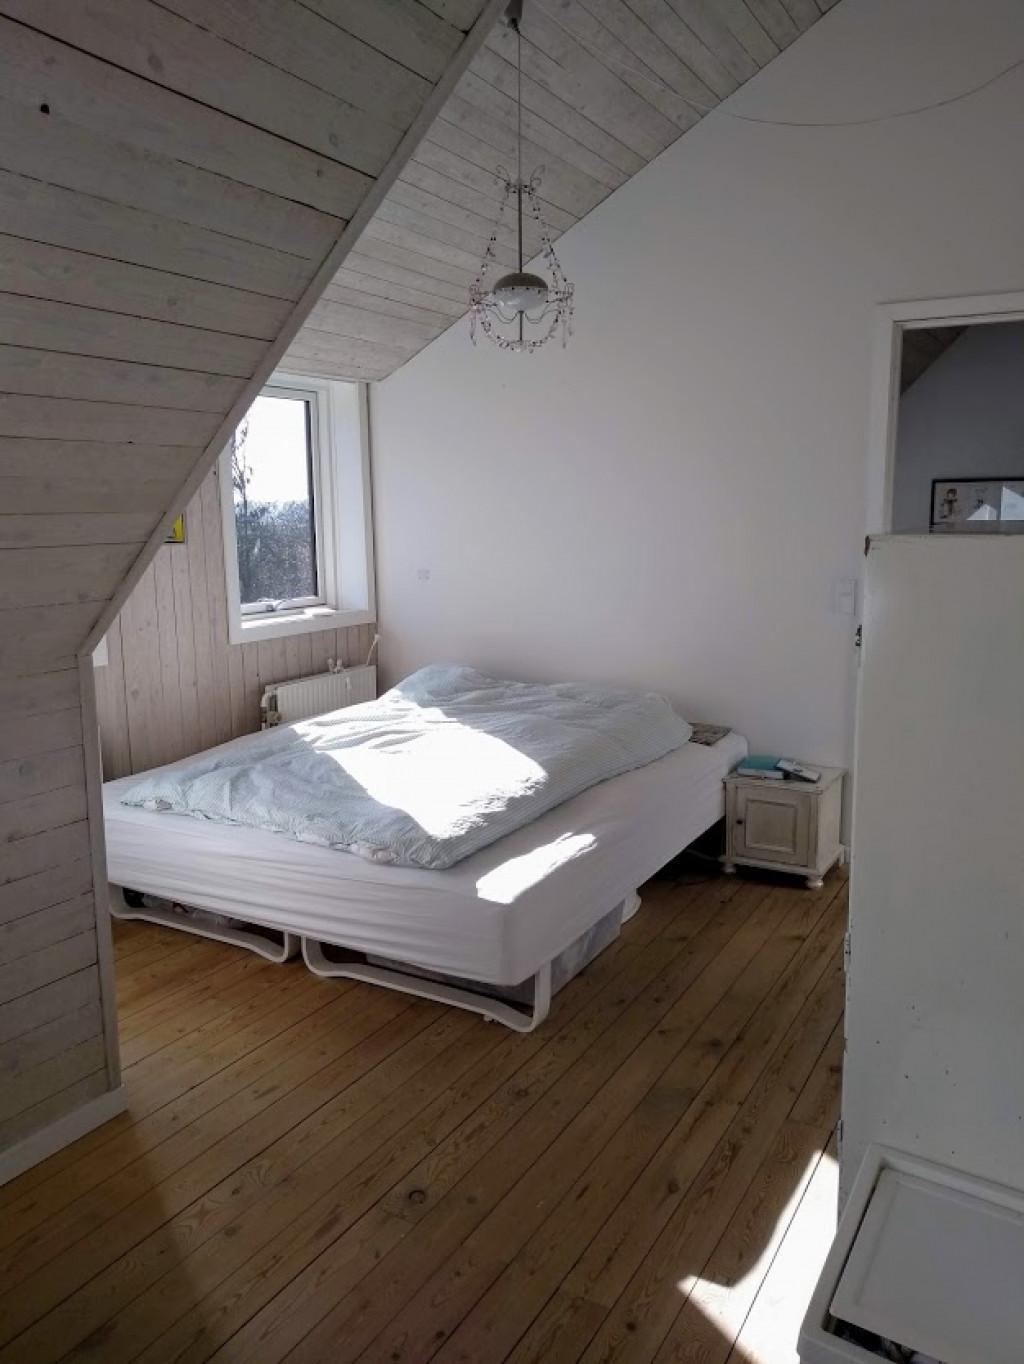 Hus til salg i Bofællesskabet I Gug - sovevaerelse_b_60290f67bd69338dd669e71146ff05f3